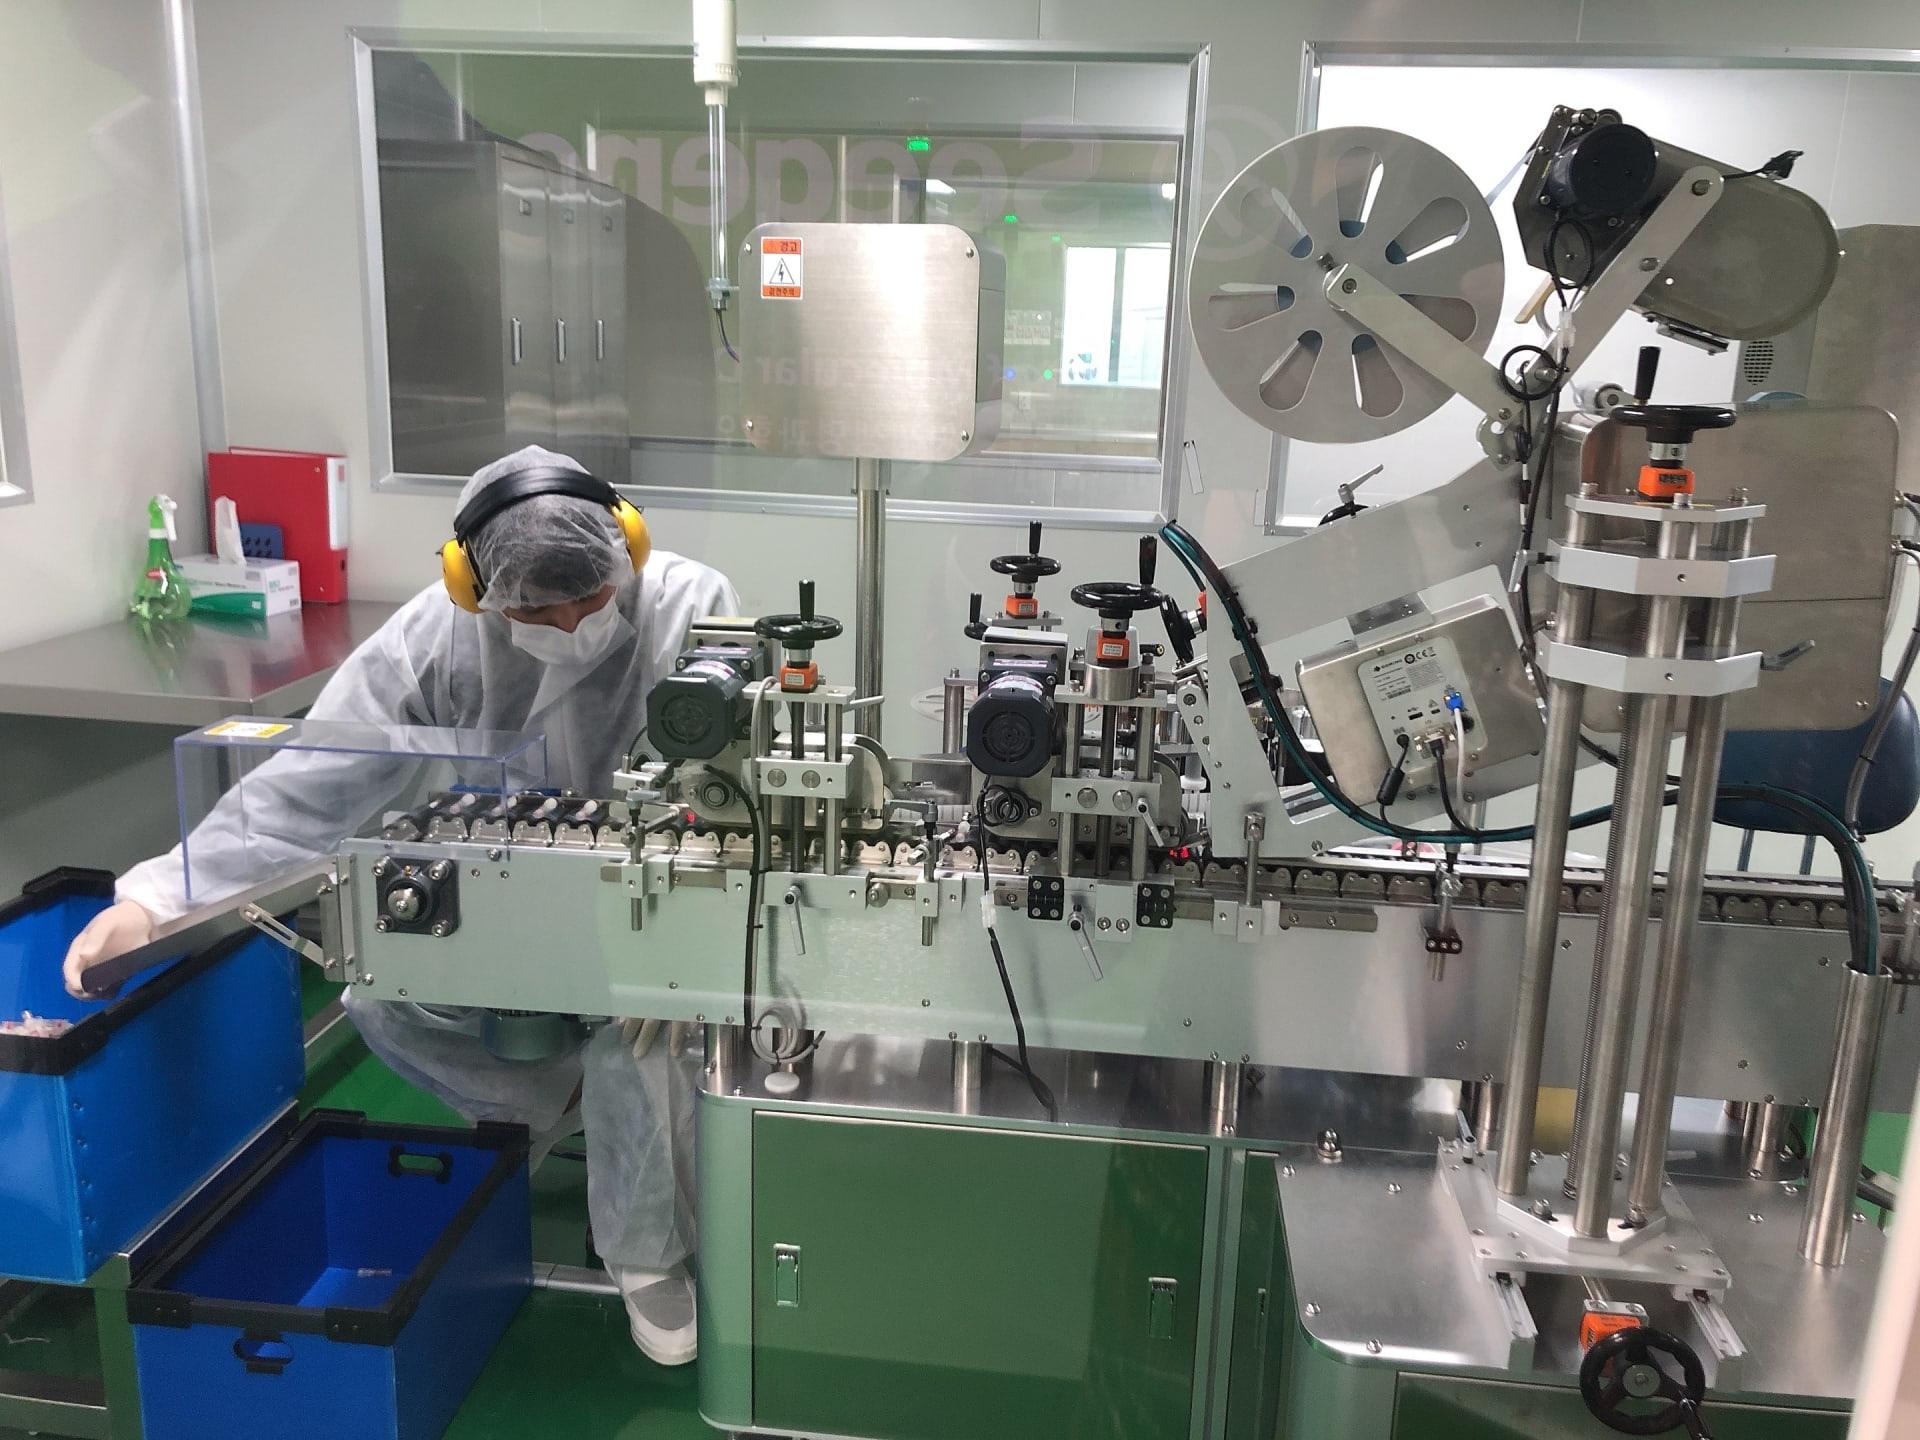 كوريا الجنوبية توافق على اختبار واحد يمكنه اكتشاف كل من فيروس كورونا والإنفلونزا الموسمية